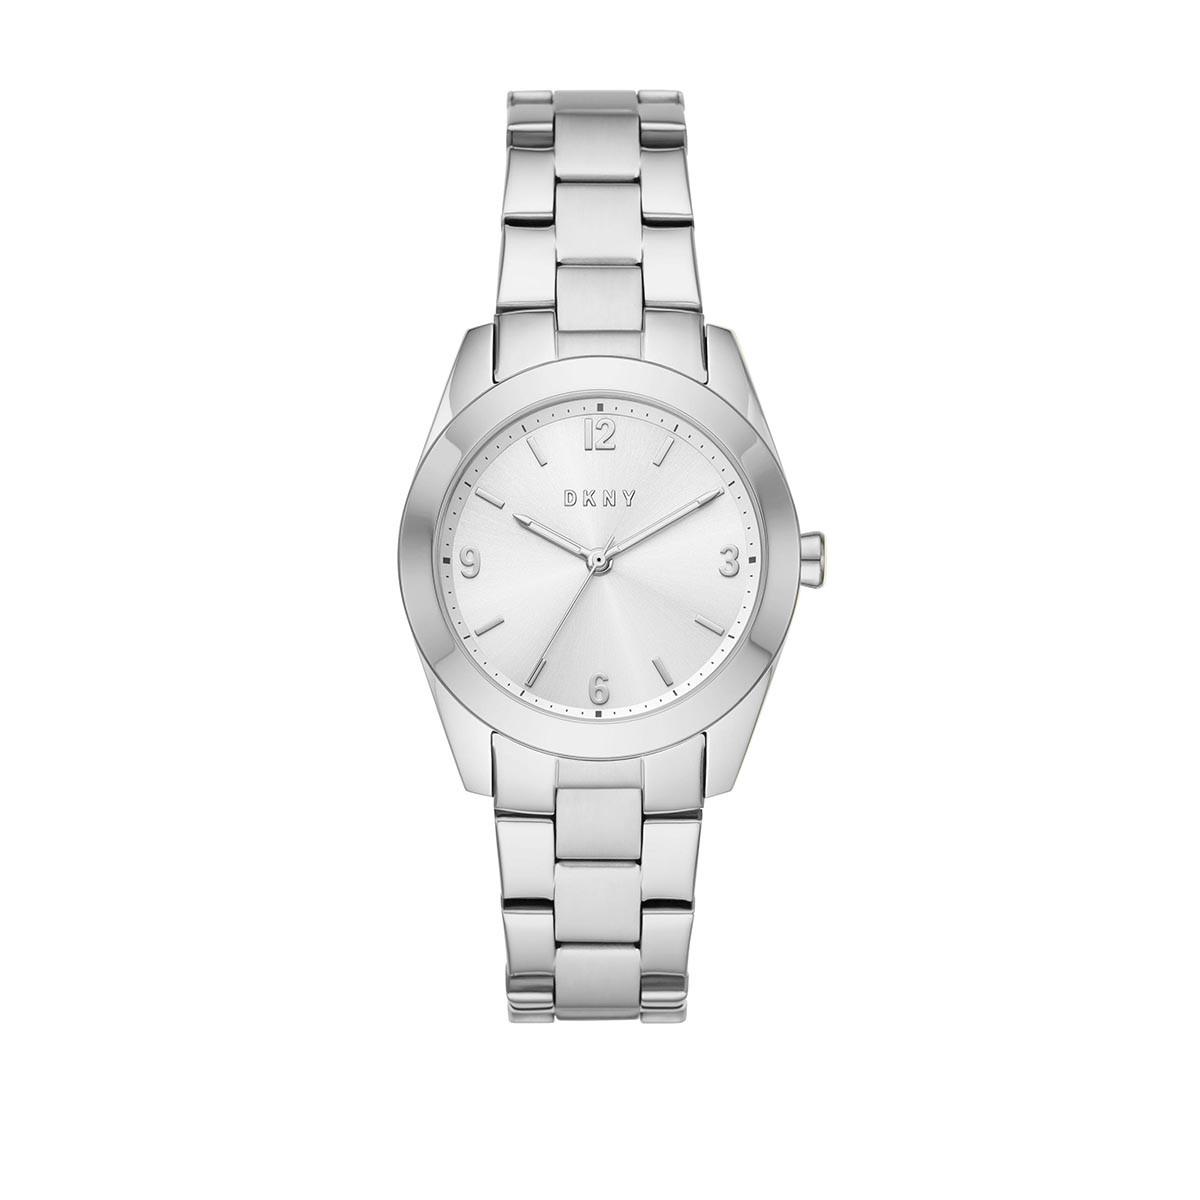 DKNY Uhr - Nolita Watch Silber - in silber - für Damen